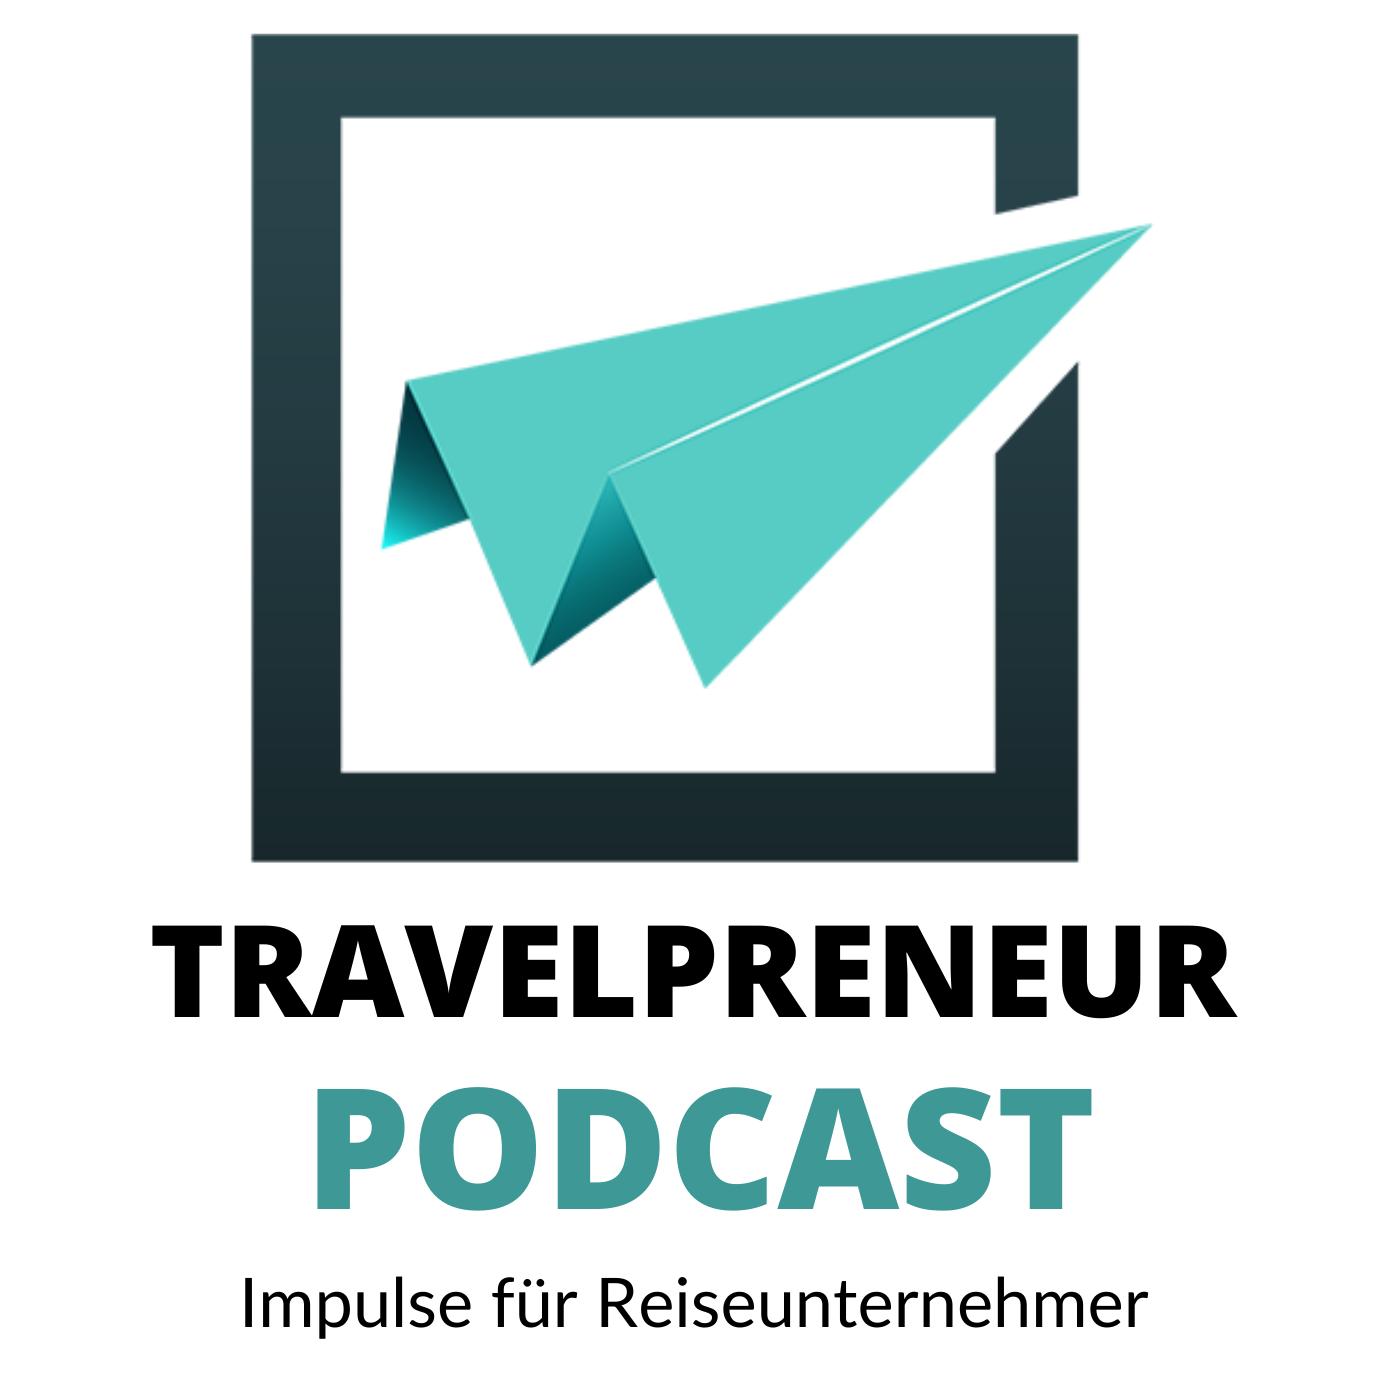 Travelpreneur Podcast show art